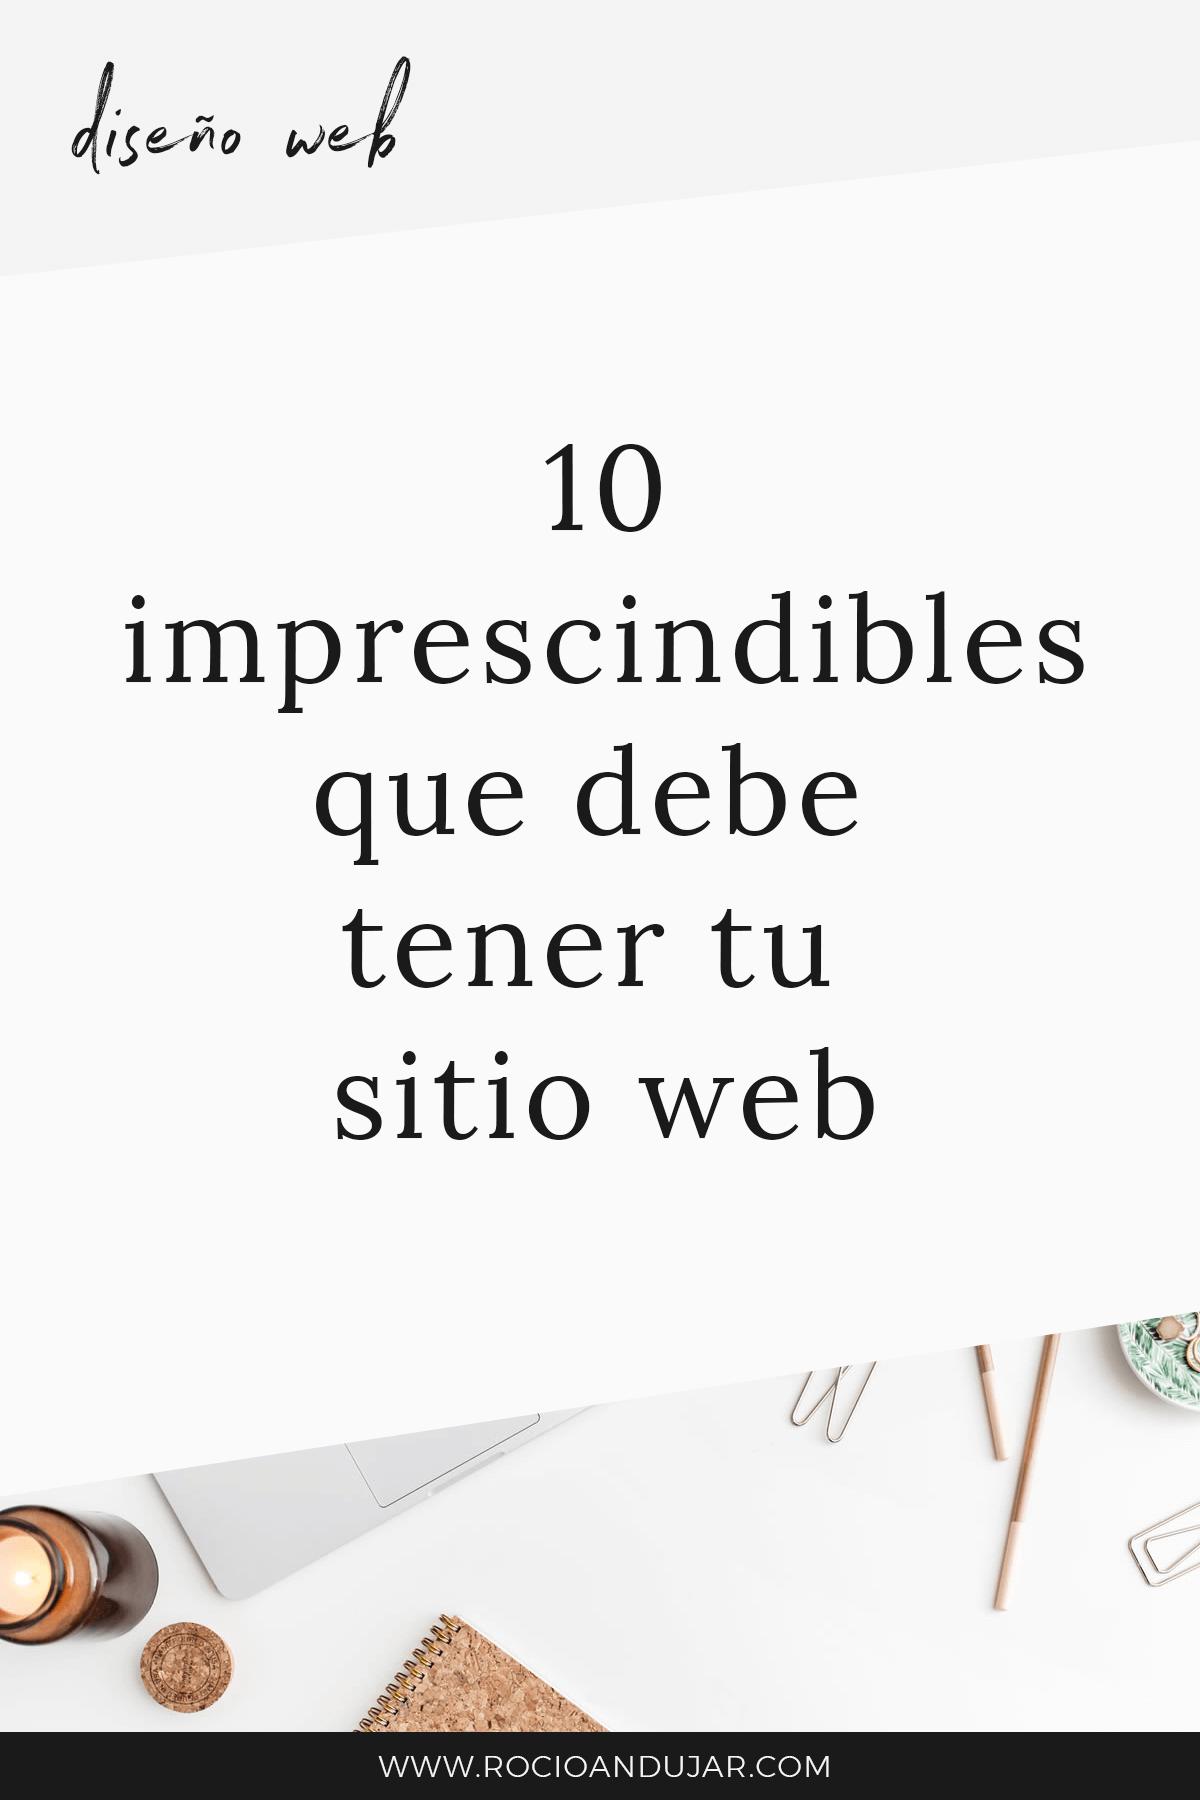 10 imprescindibles que debe tener tu sitio web - Conocé los 10 imprescindibles que debe tener tu sitio web para destacar en el mundo digital y tener mayor visibilidad.